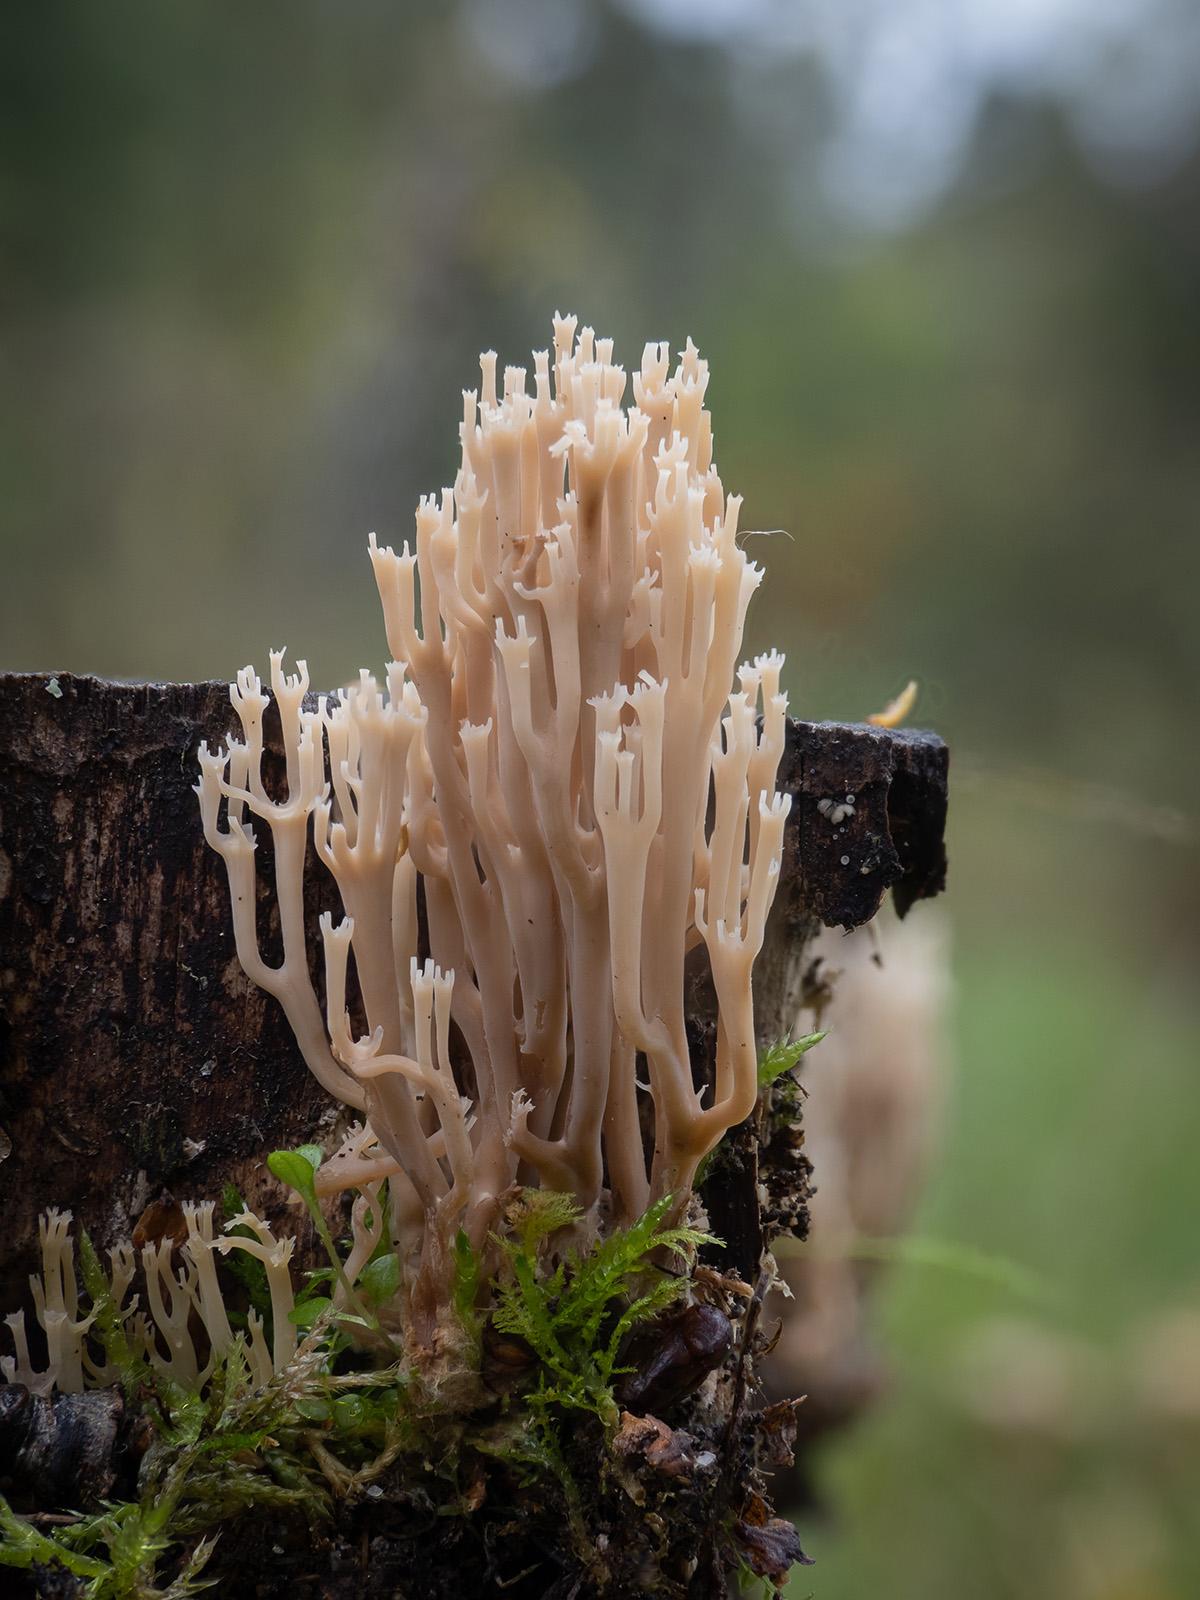 Клавикорона крыночковидная (Artomyces pyxidatus). Автор фото: Сутормина Марина